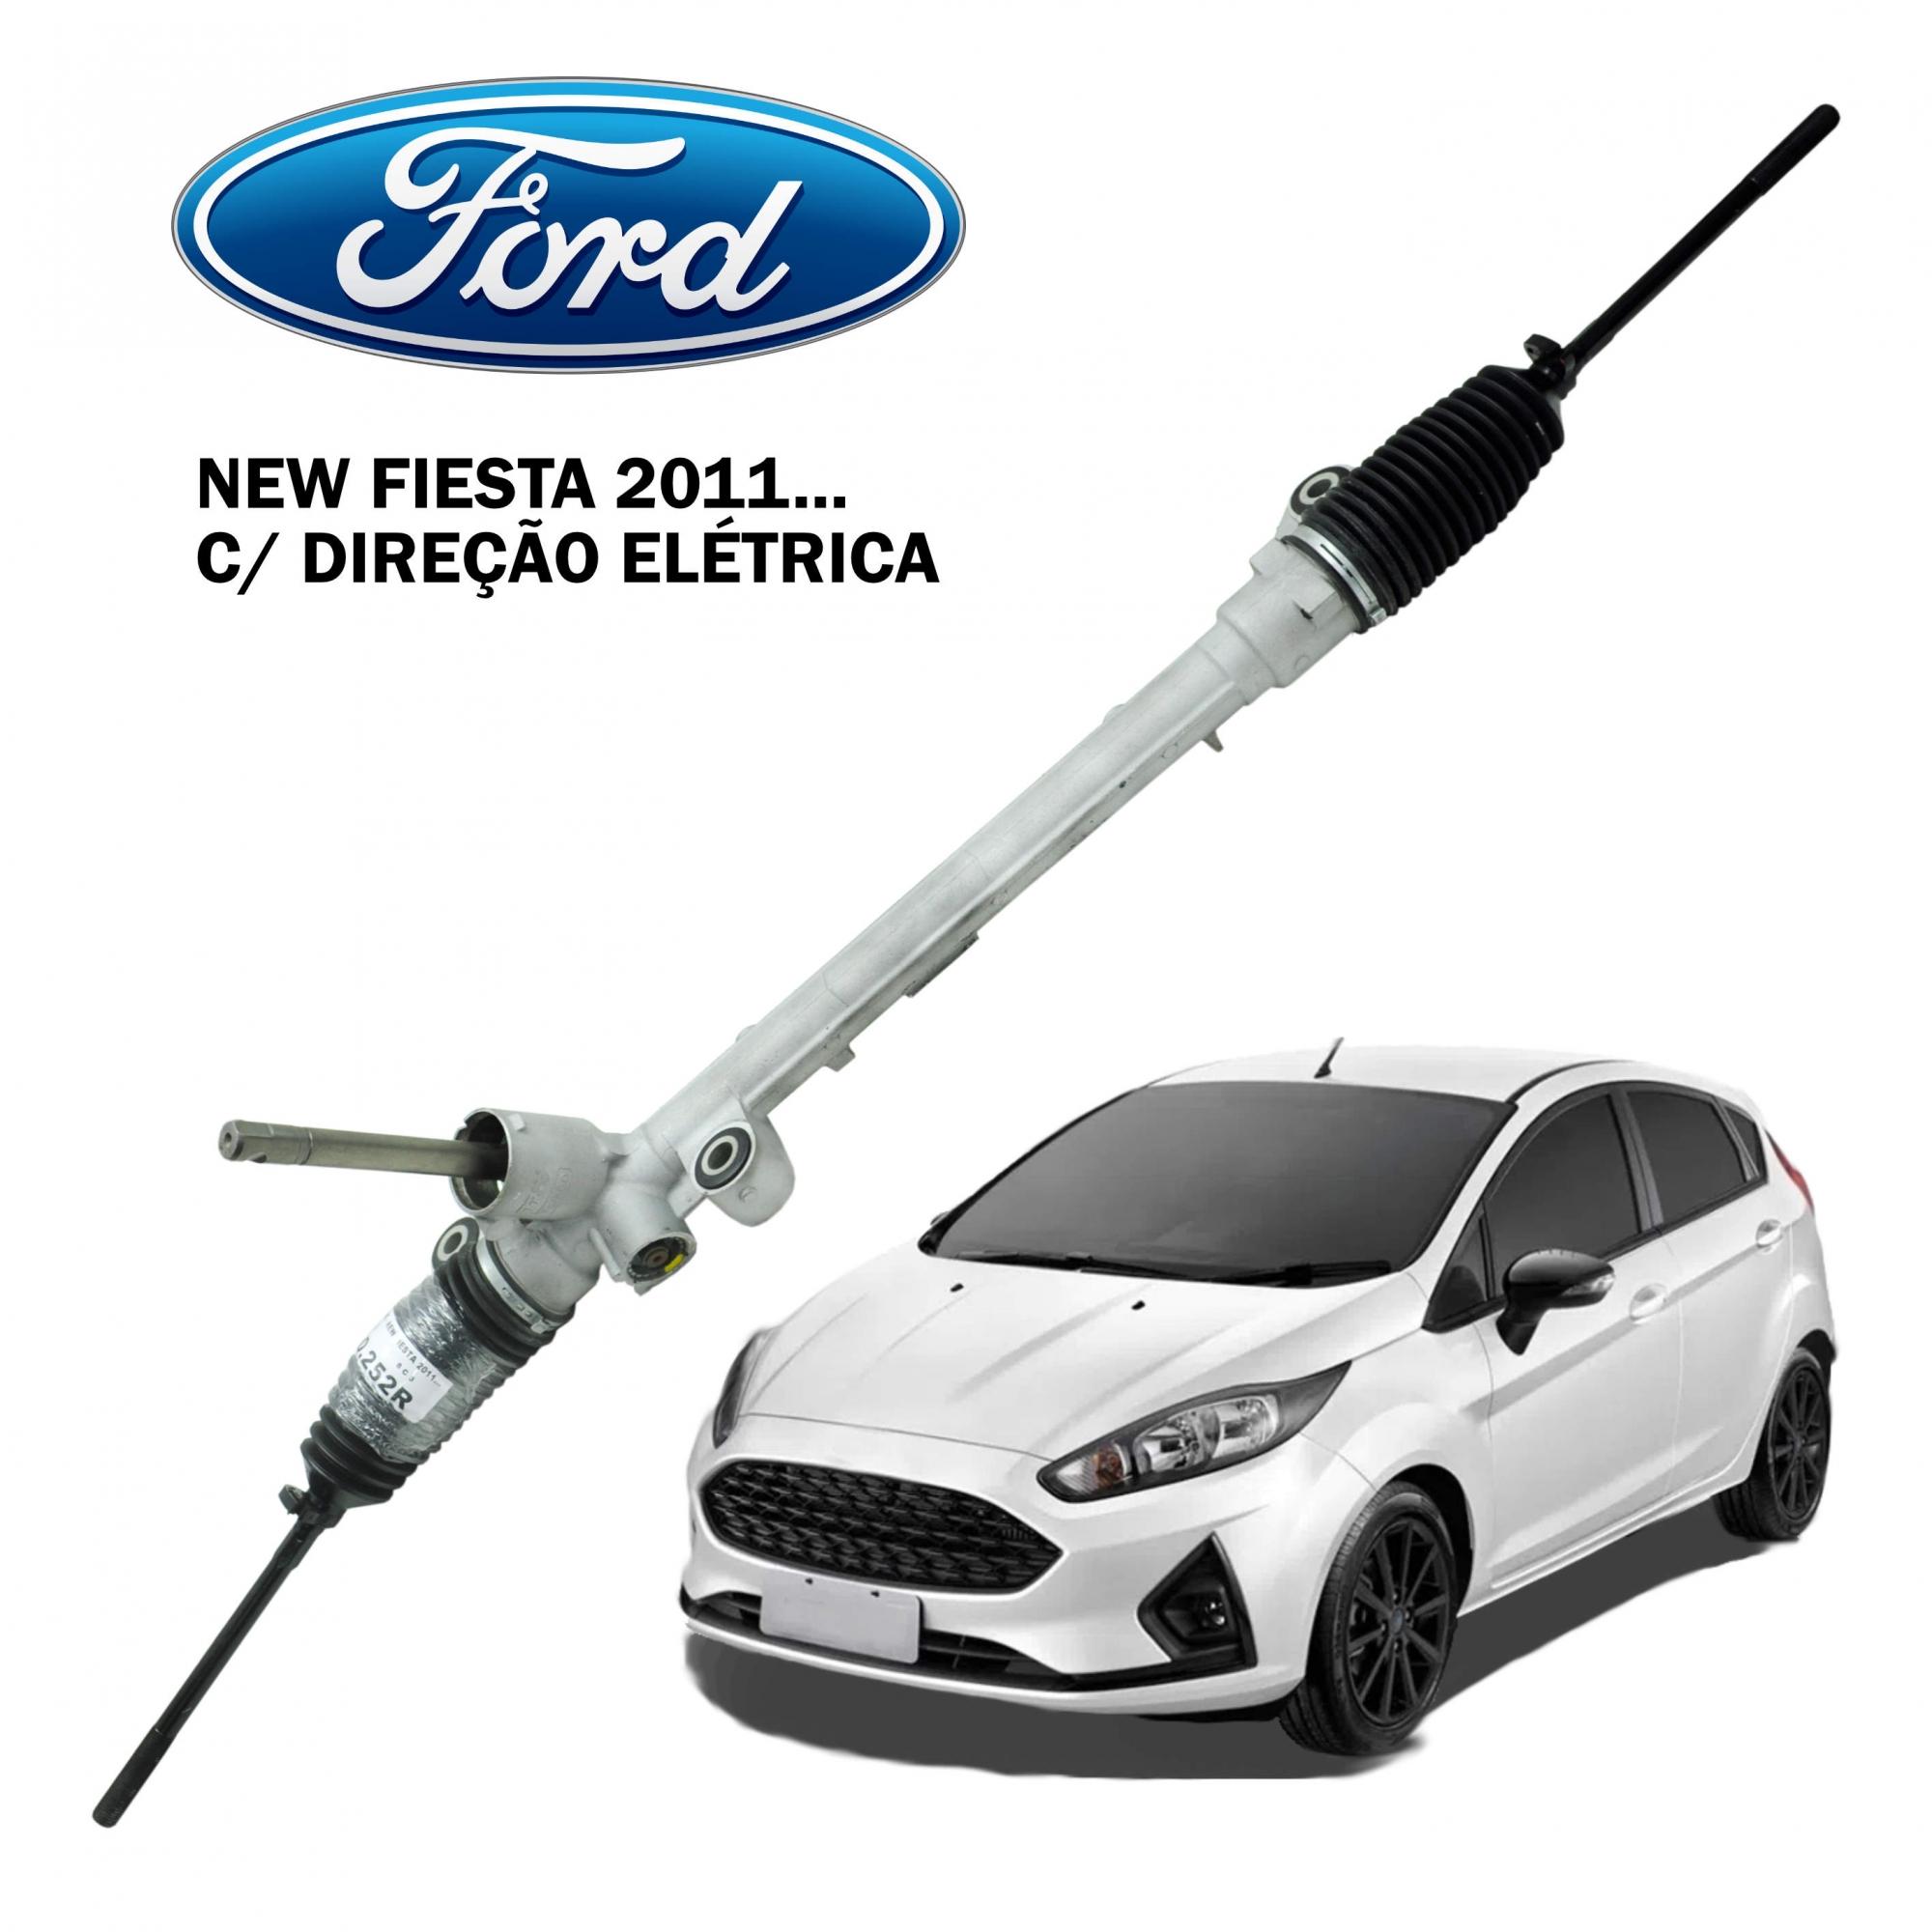 Caixa Direção Mecânica Ford Fiesta 2011... c/ Direção Elétrica